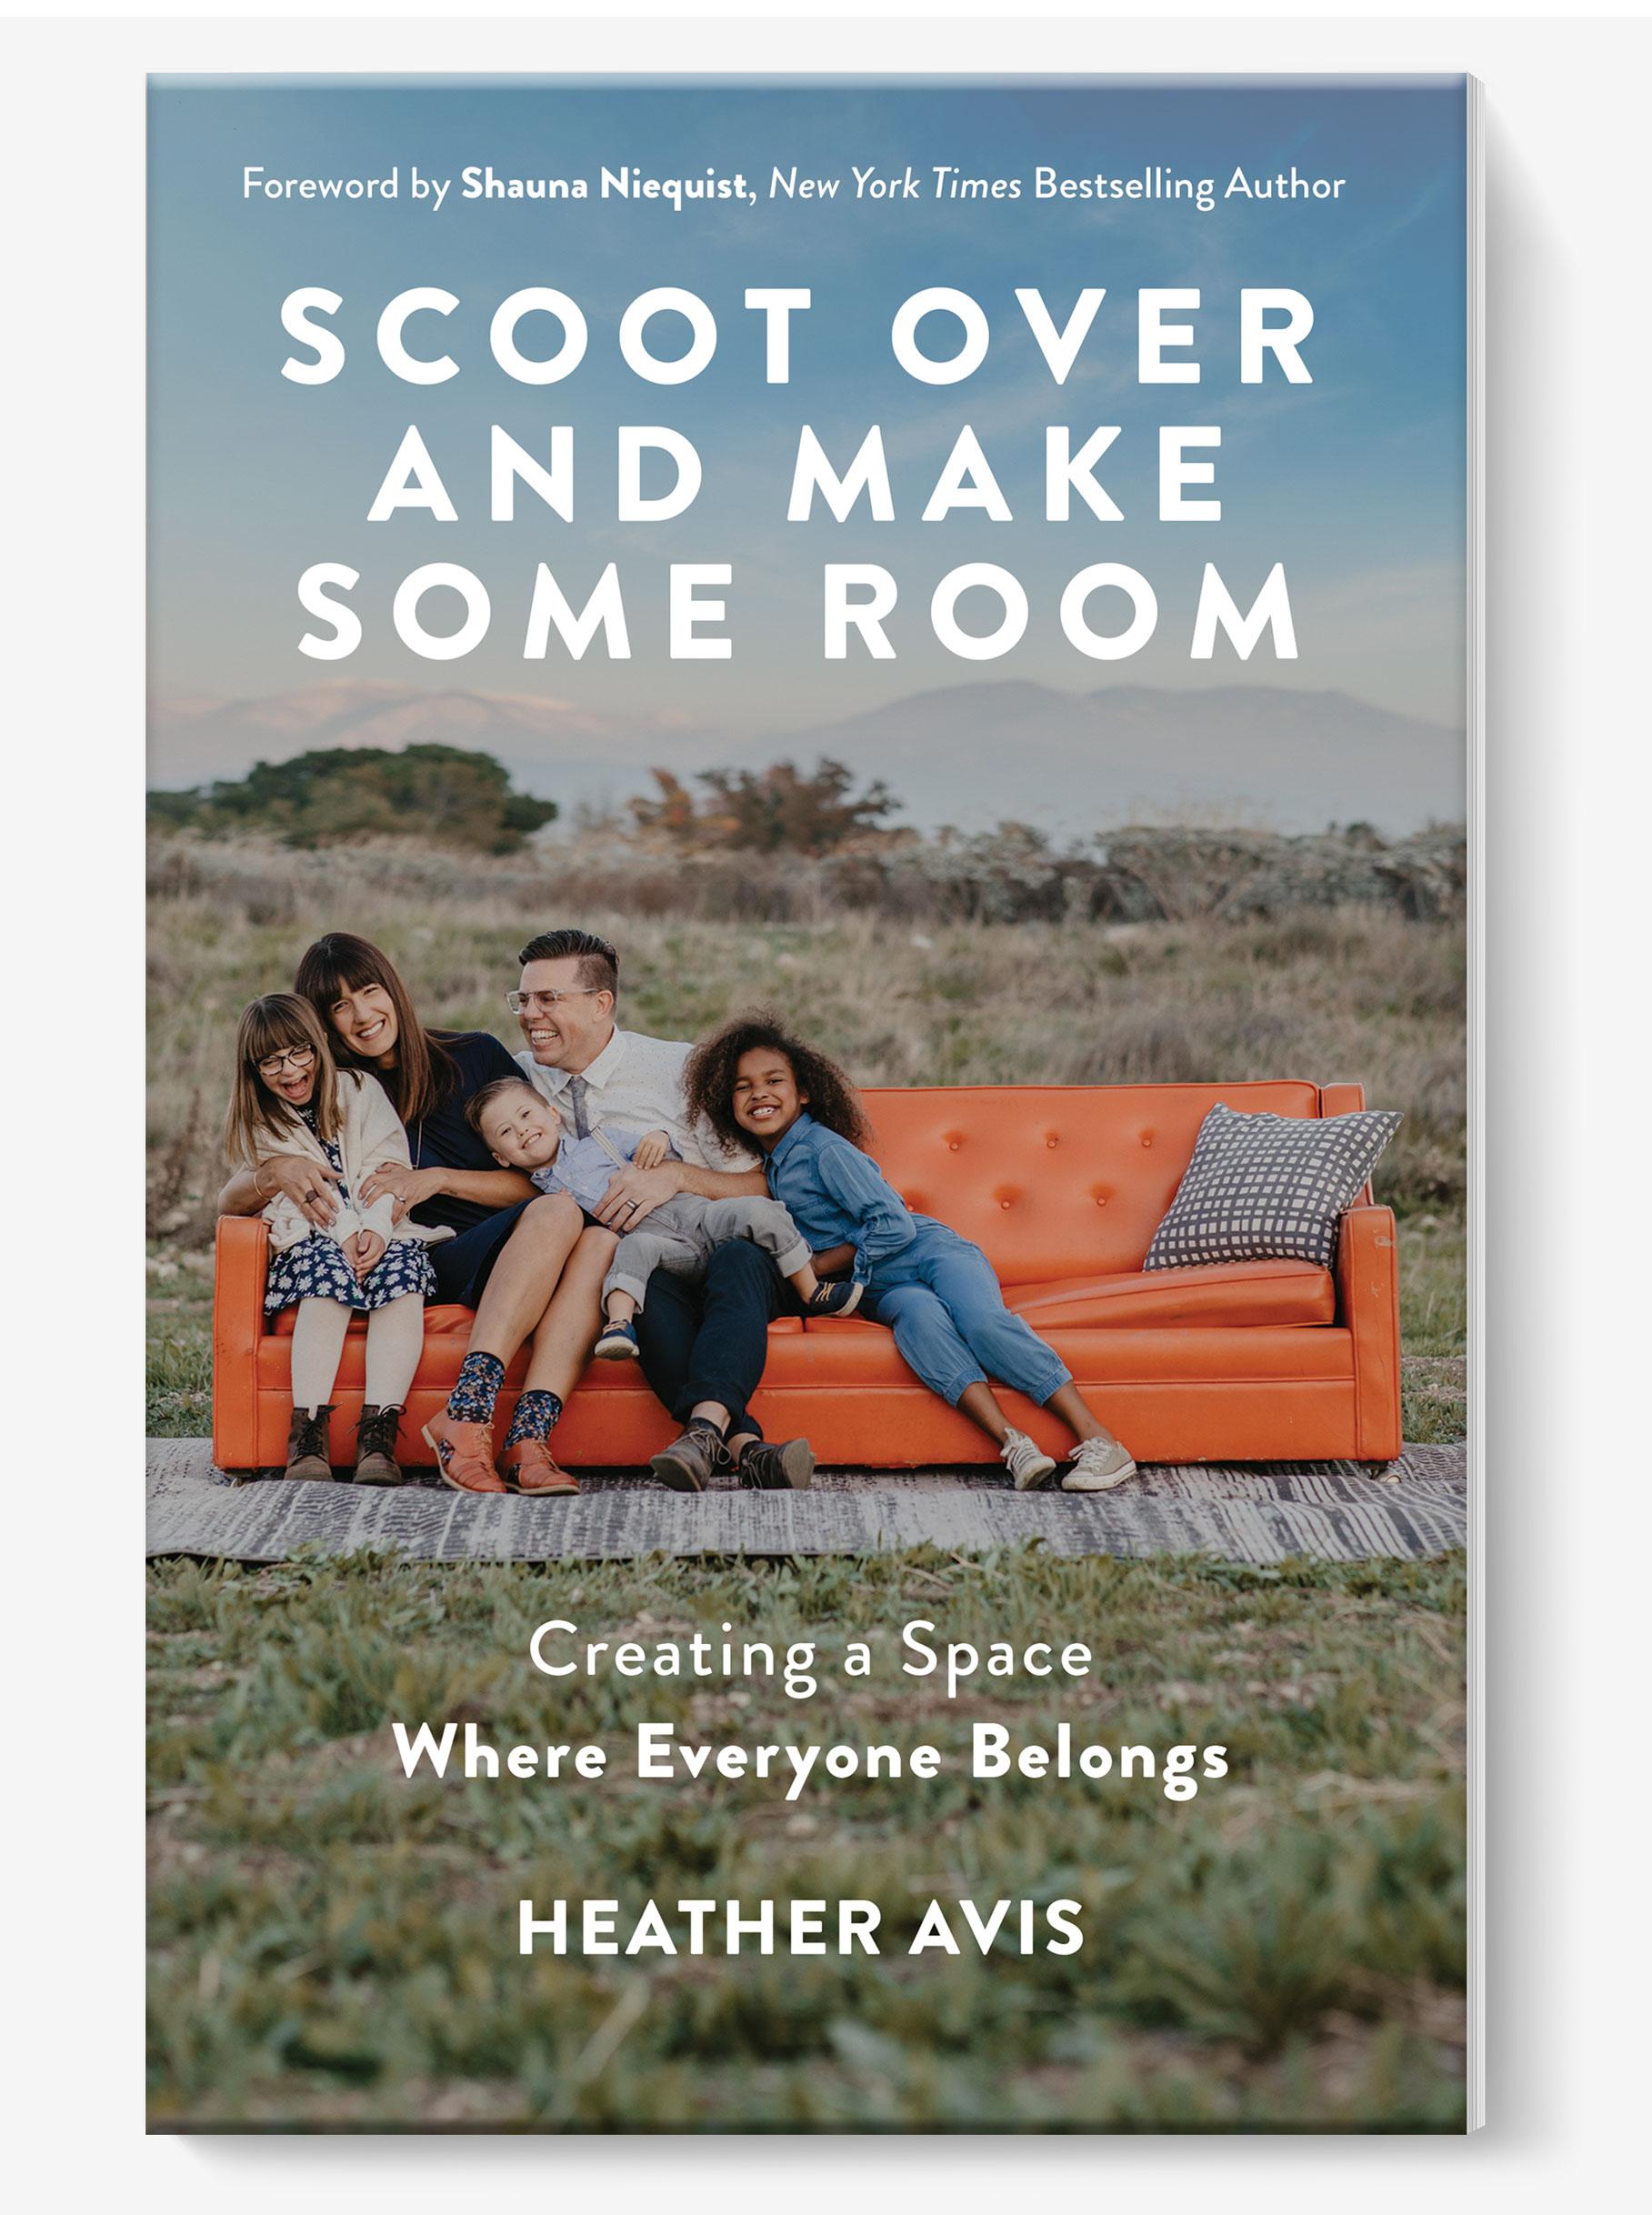 Scoot_Over_book_mock3.jpg